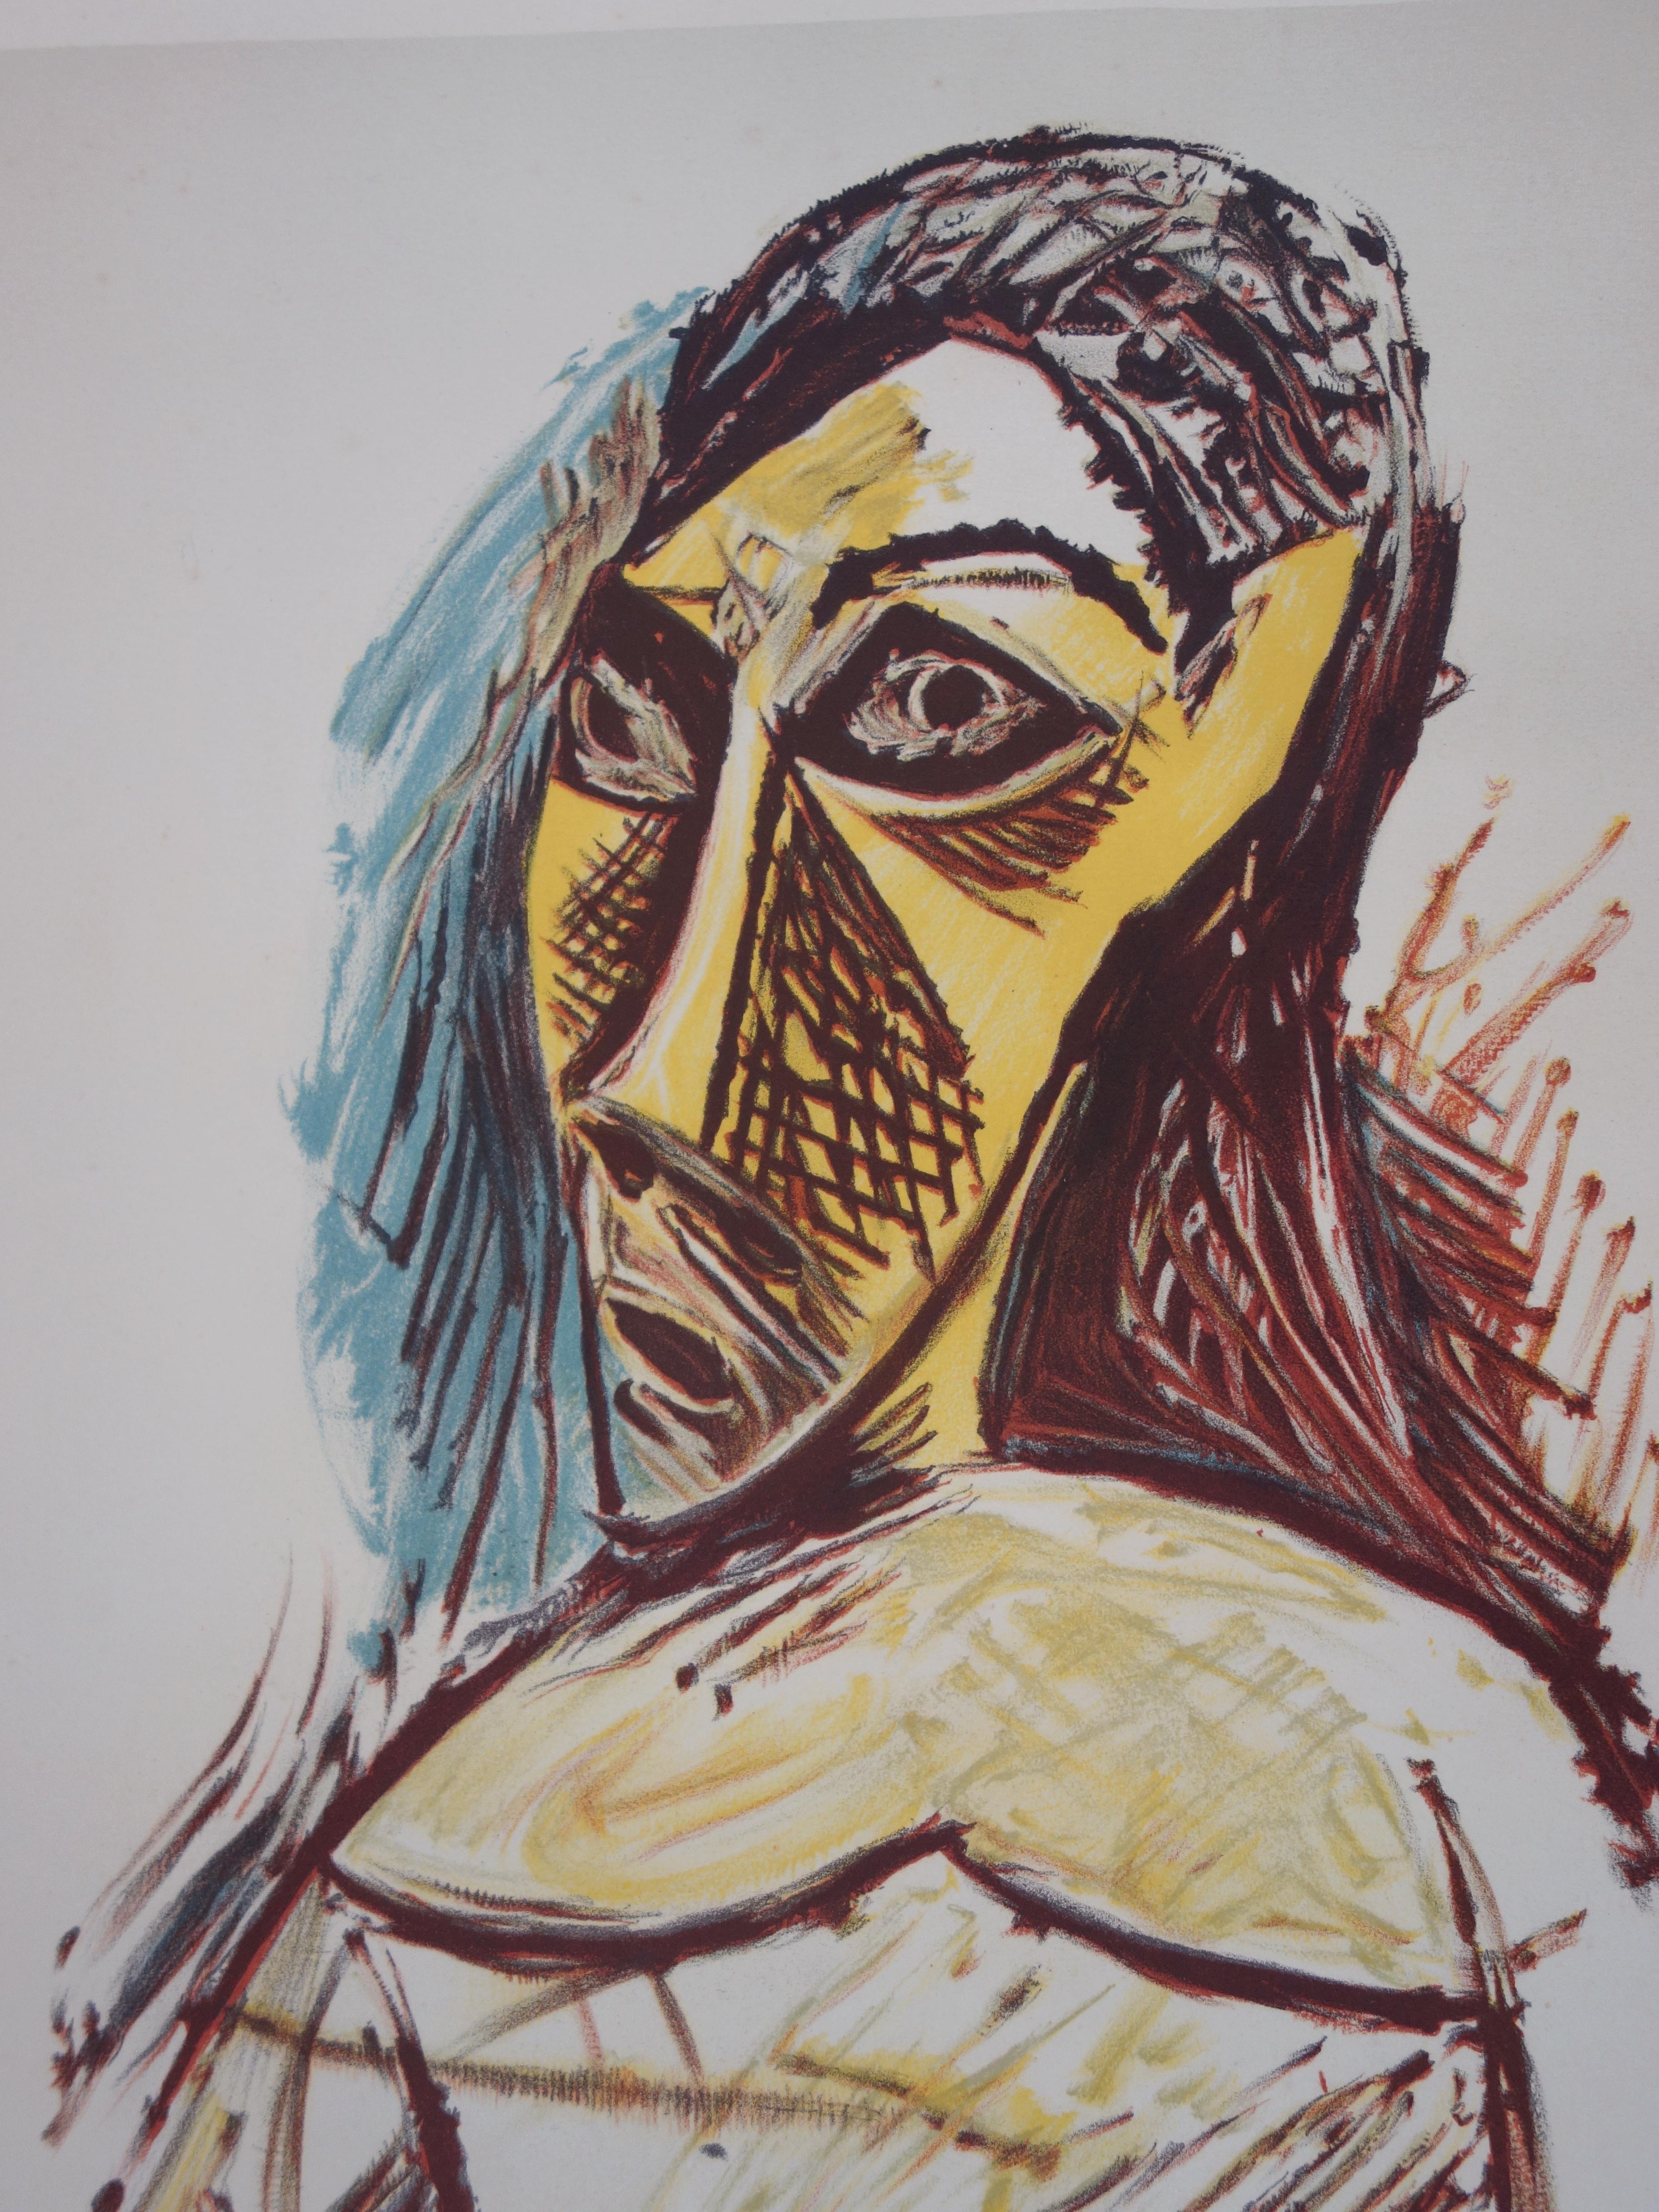 1dc3af4ab49 Pablo PICASSO (after) - Portrait of a woman